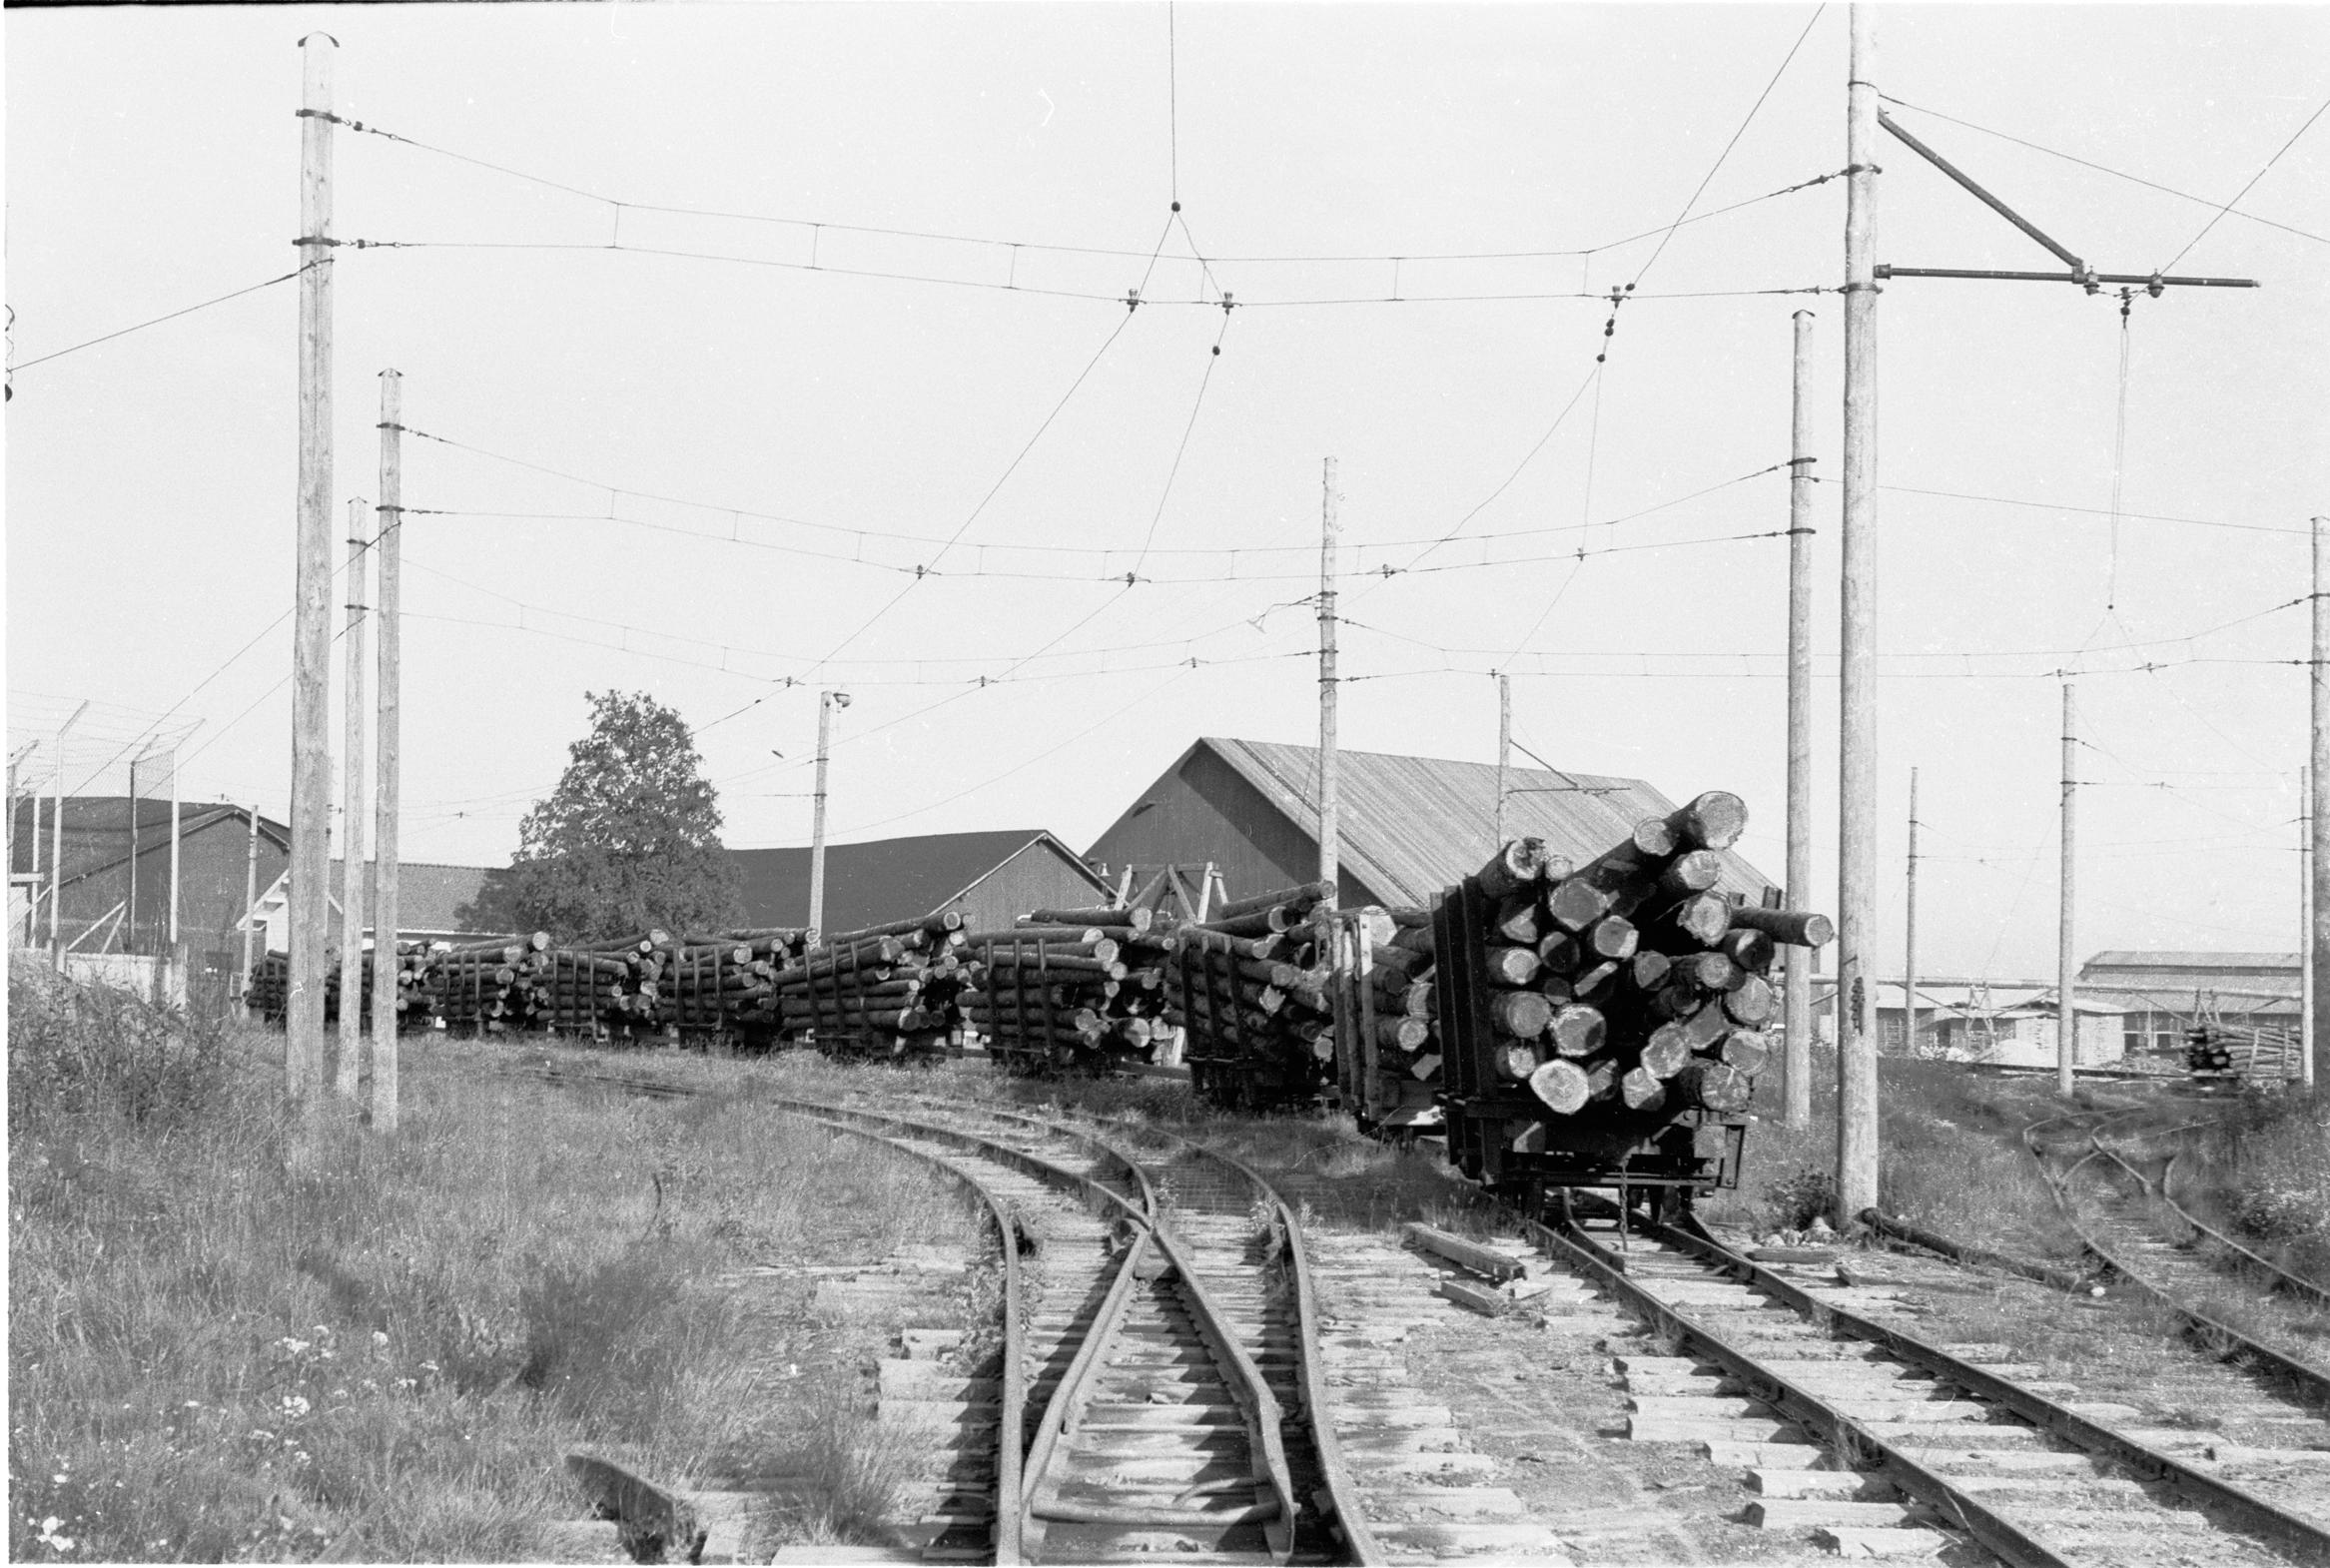 Tågbild Sikeå hamn nr 4 1960 timmervagnar